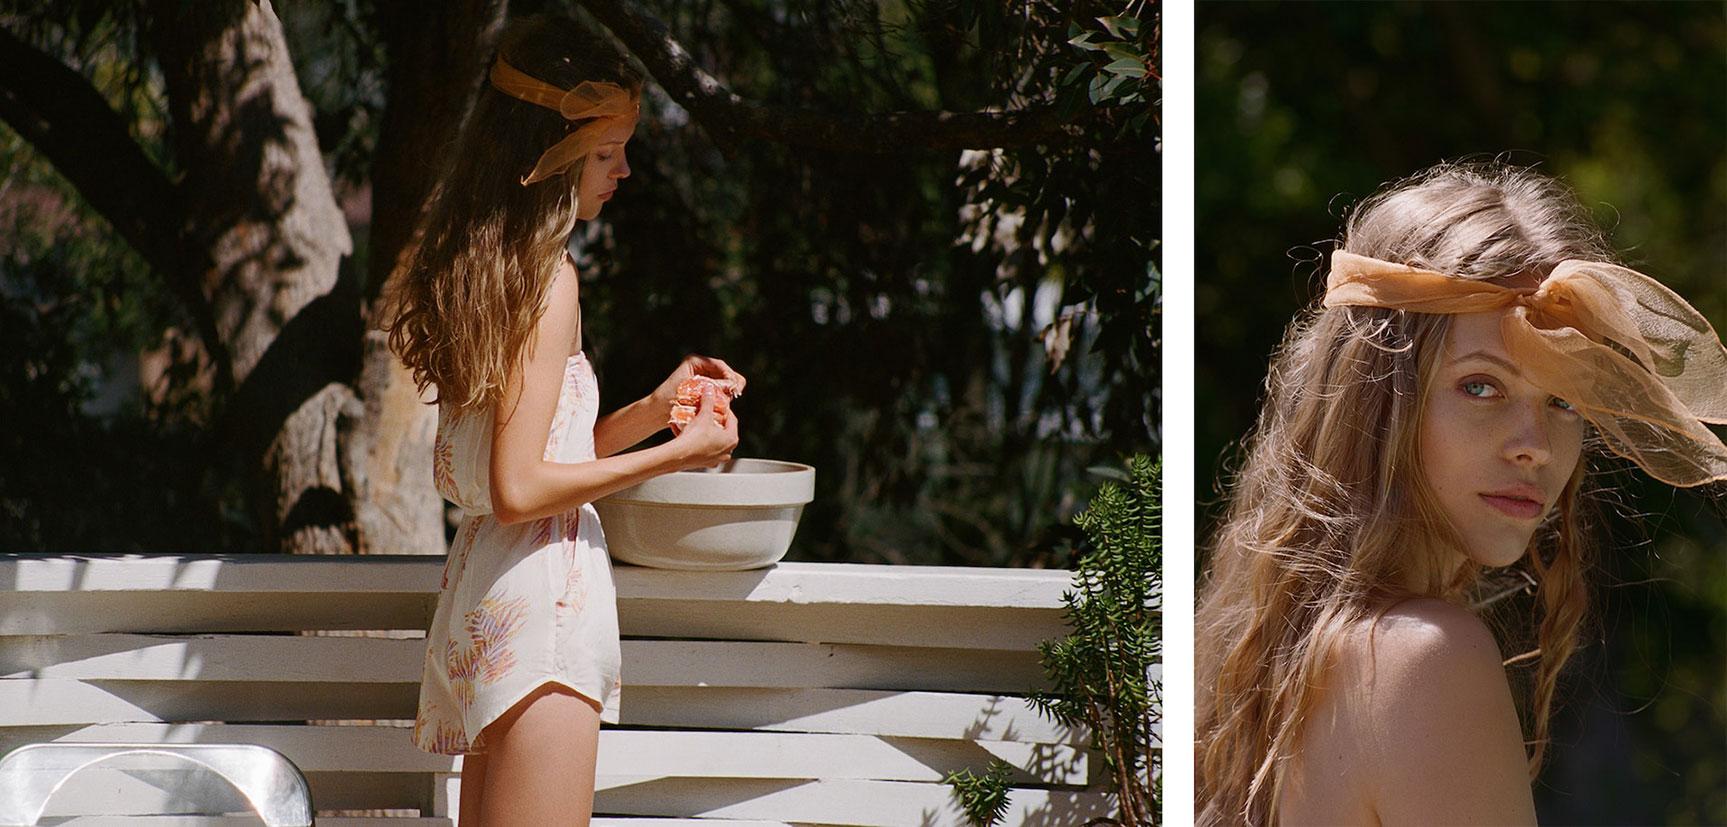 Mathilda Tolvanen / Матильда Толванен в одежде модного бренда Flynn Skye, весна 2016 / фотограф Henrik Purienne